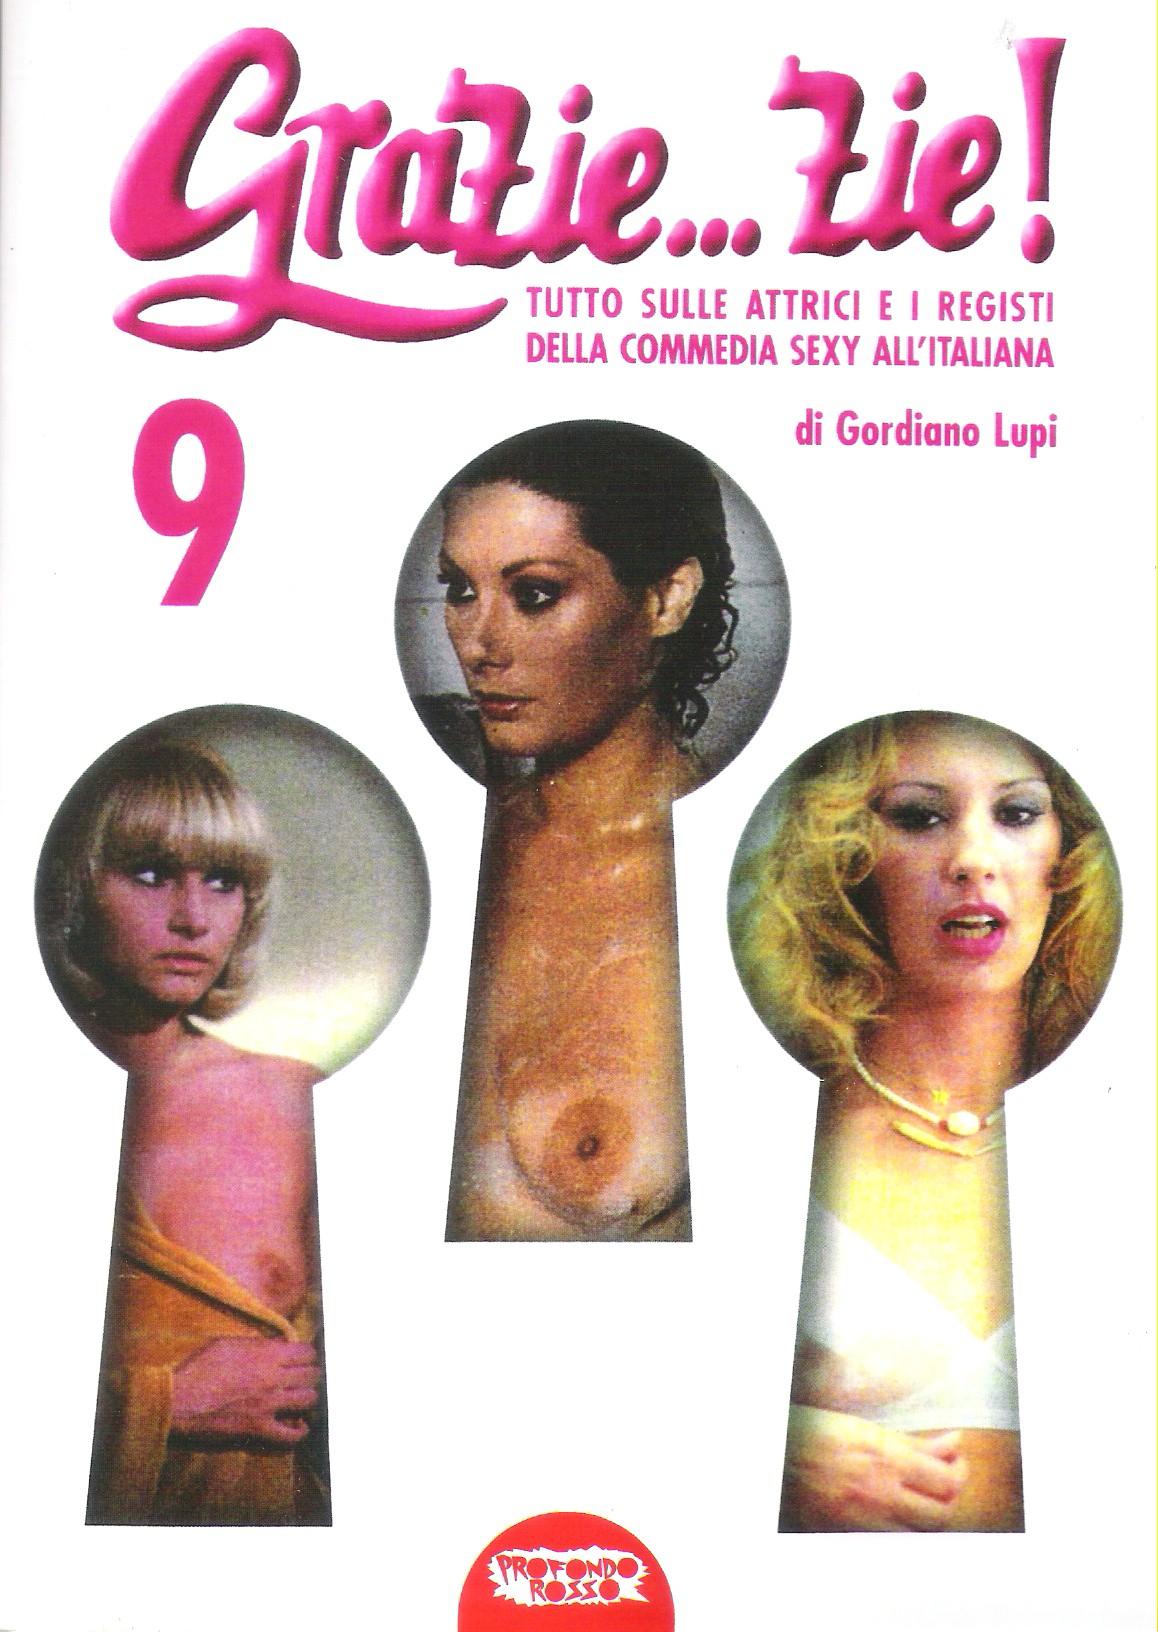 film commedia erotica cht gratis